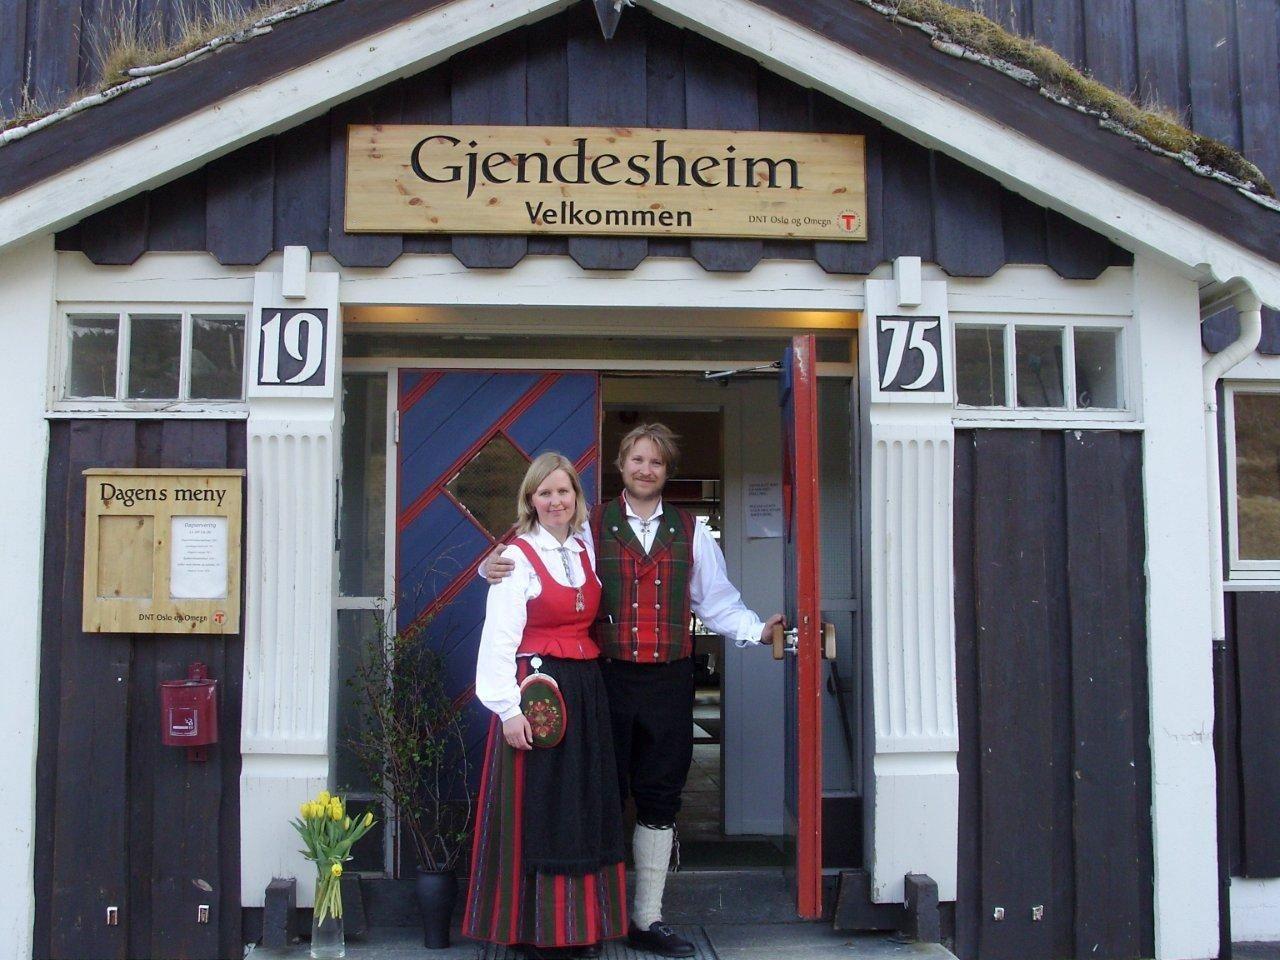 Gjendesheim DNT Oslo og Omegn